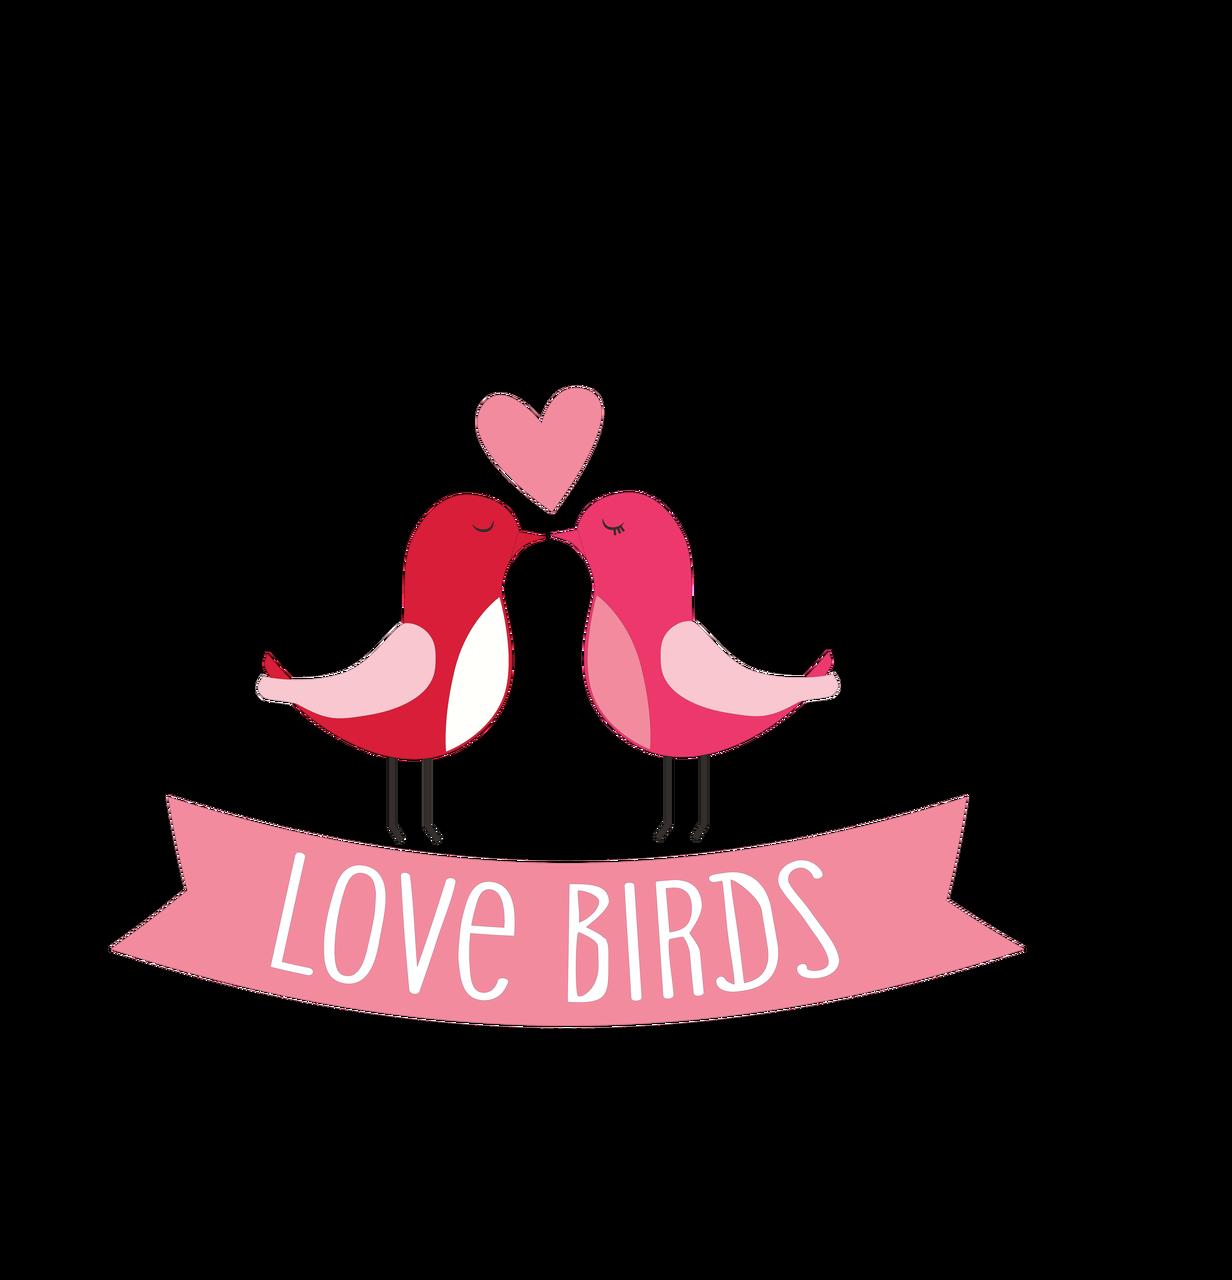 Love Birds SVG Cut File